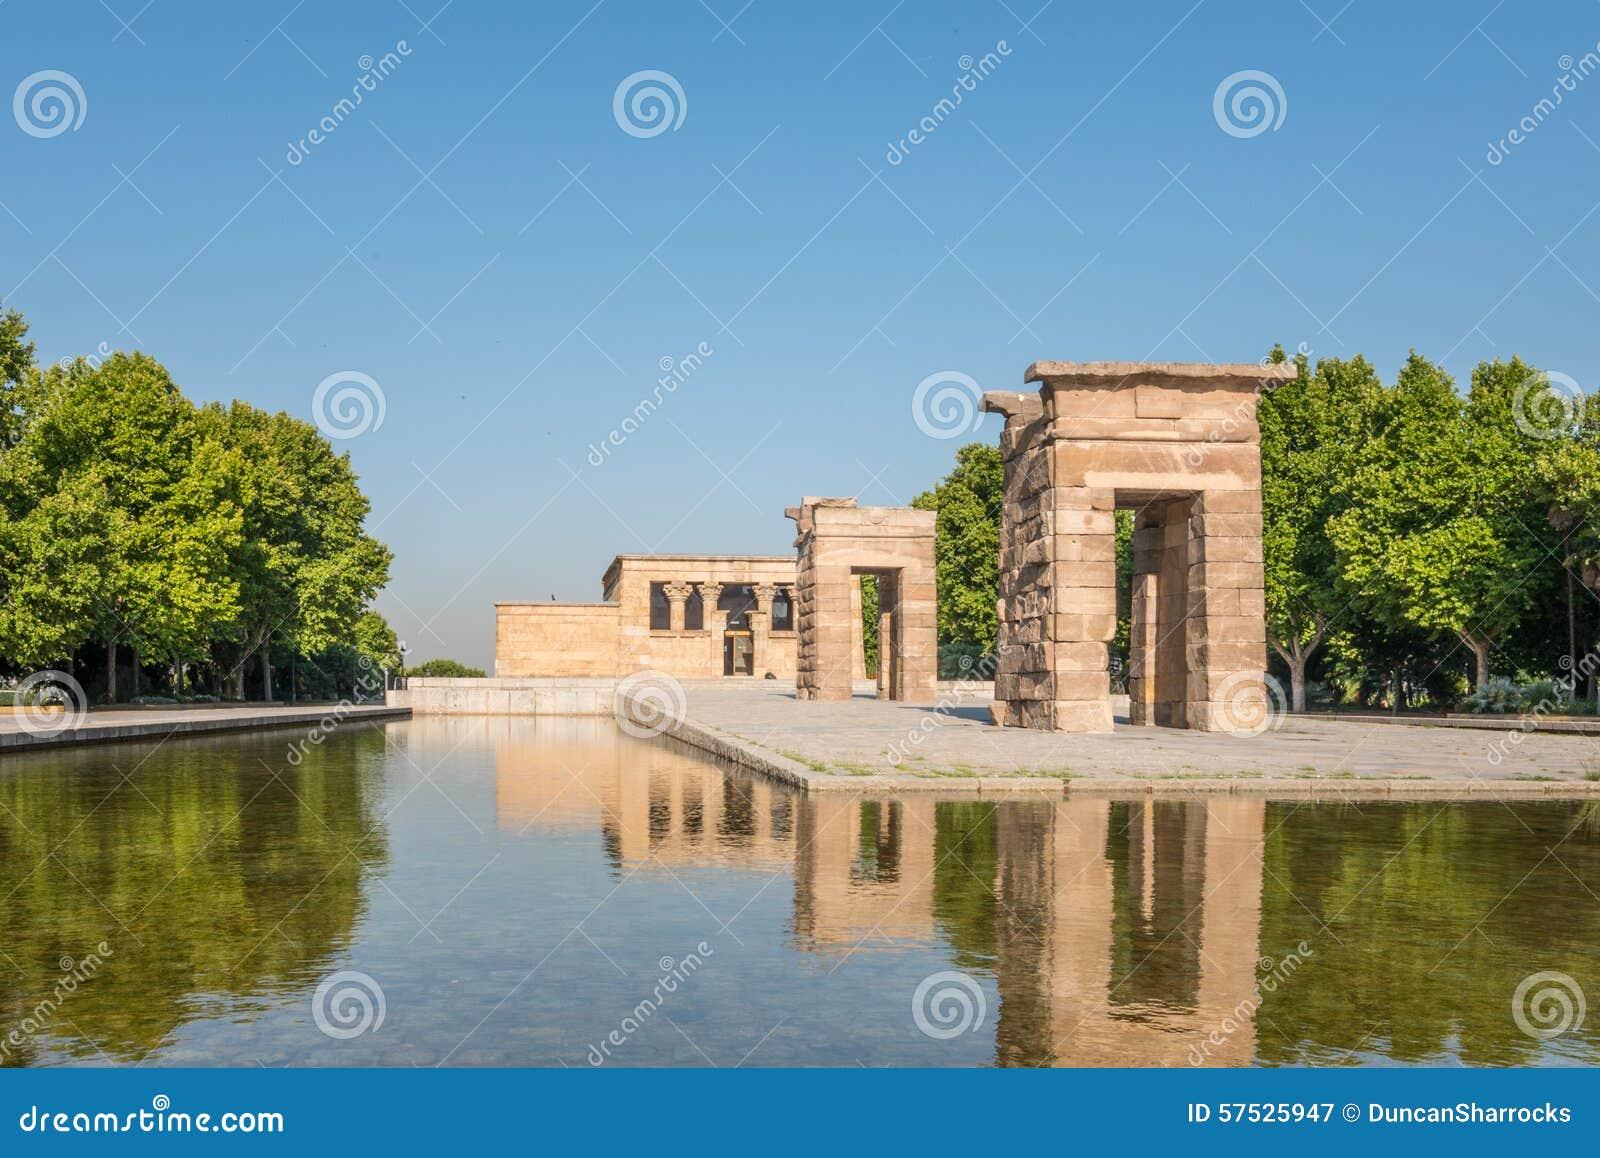 Temple Of Debod Parque Del Oeste Madrid Spain Stock